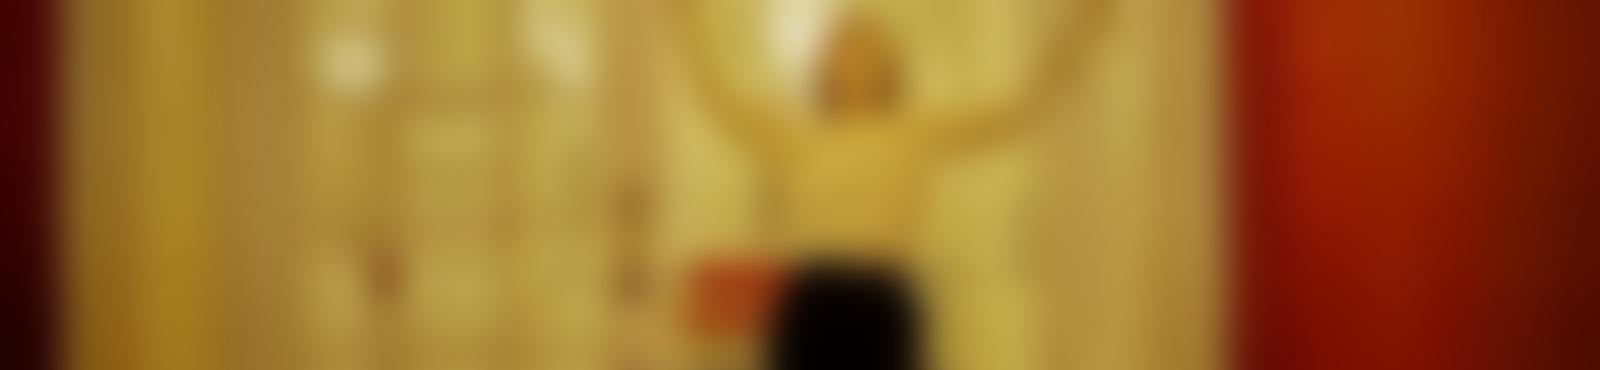 Blurred b8234fa0 5a21 4676 ae5c dcad7a56bdd9